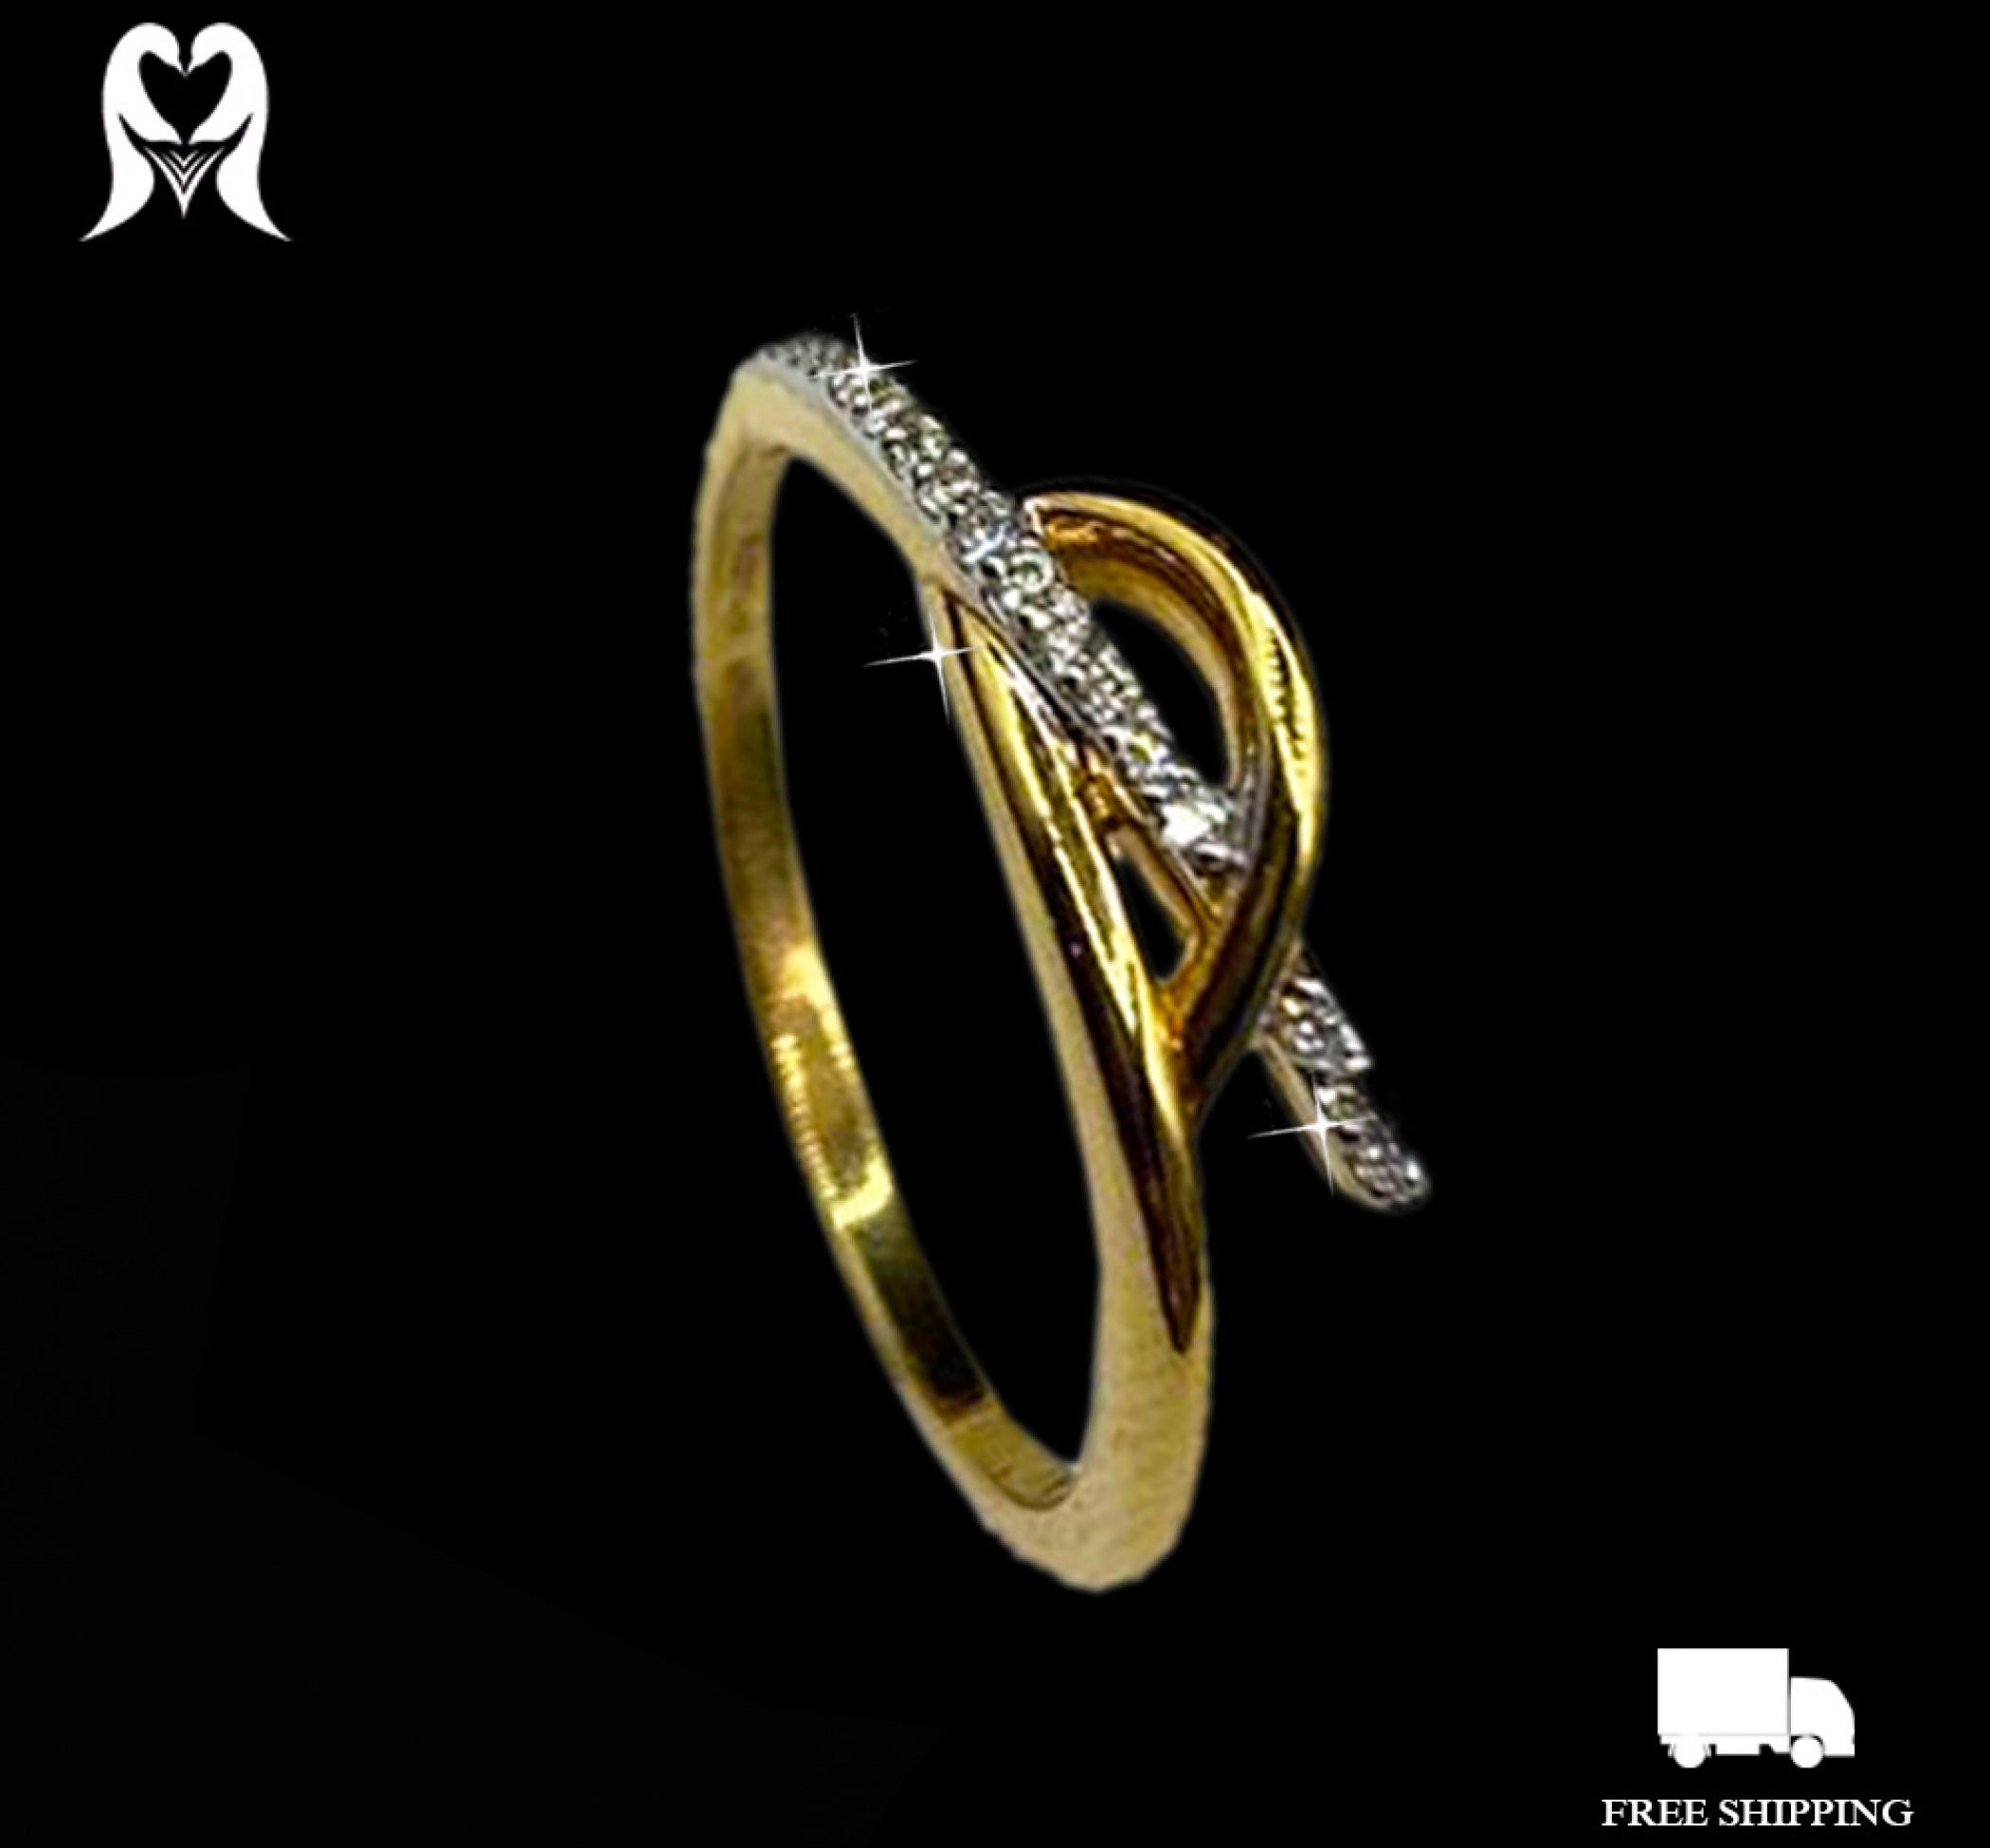 Diamond Ring 0.1 CTS 19 PCS J12174 [Wt:2.26 - 2030903]